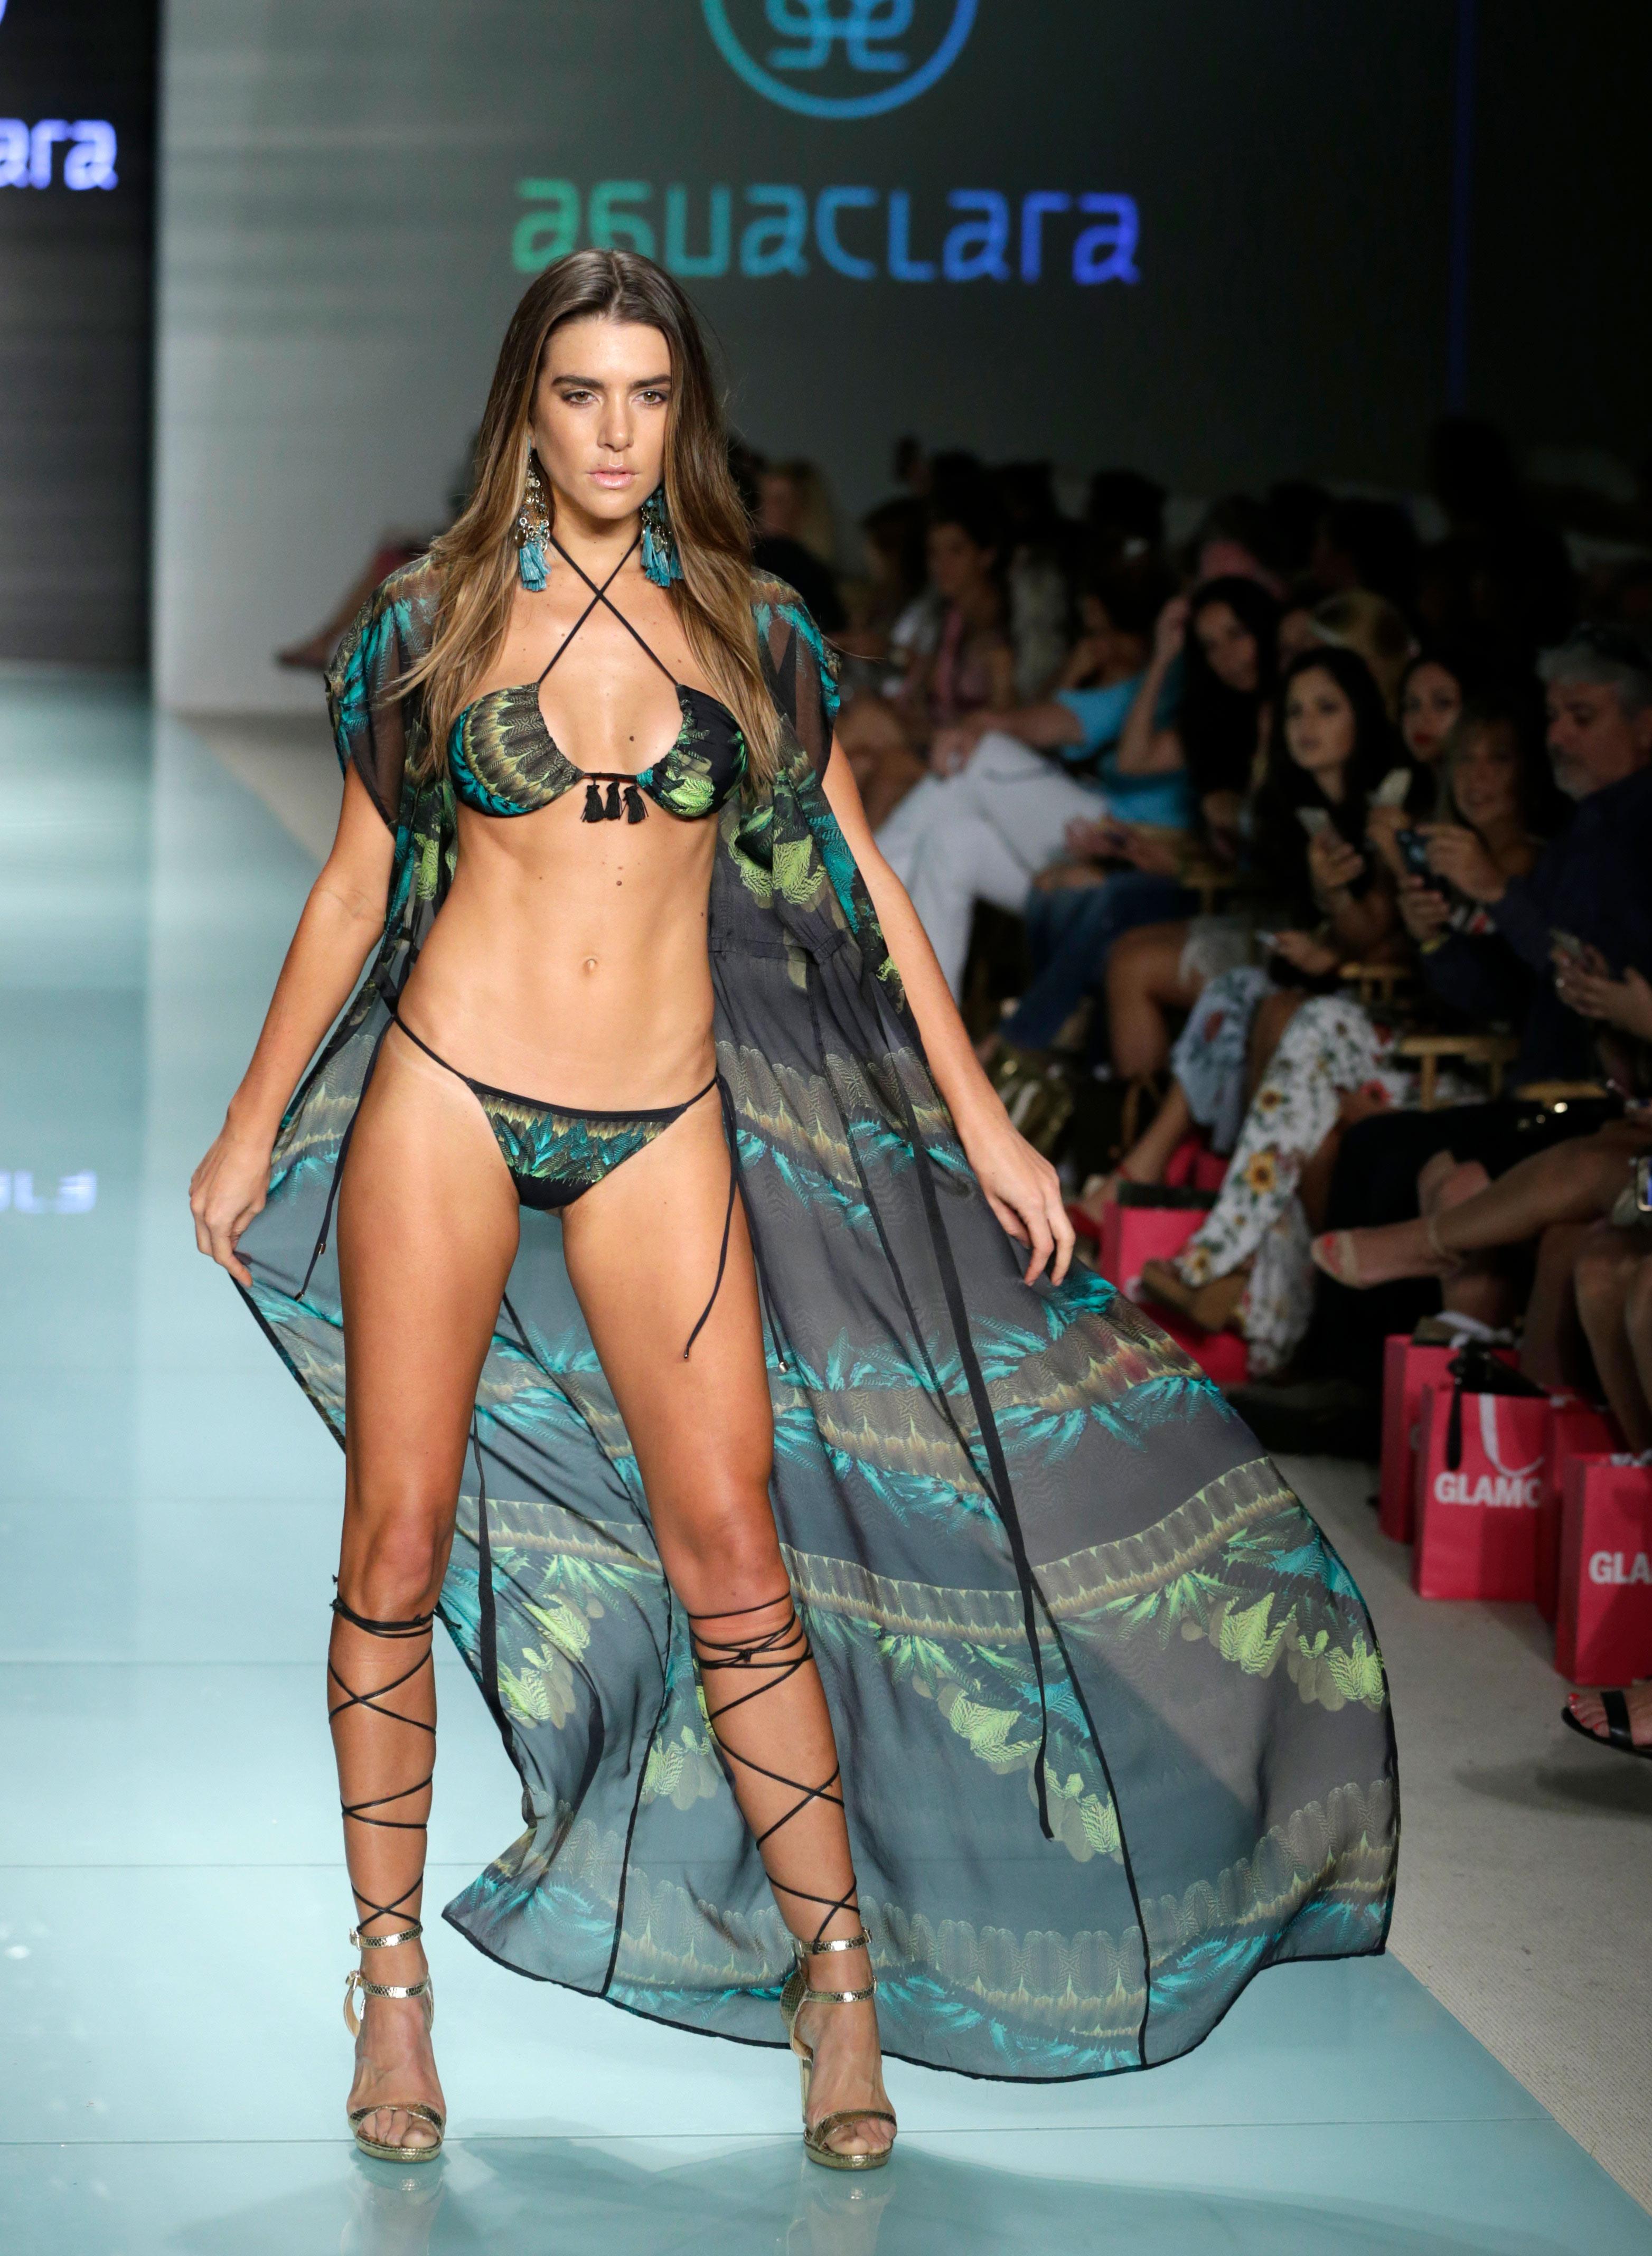 Las capas, una prenda que Agua Clara presentó casi como un accesorio de las bikinis en durante la Swim Week de Miami Beach. Foto AP/Lynne Sladky.